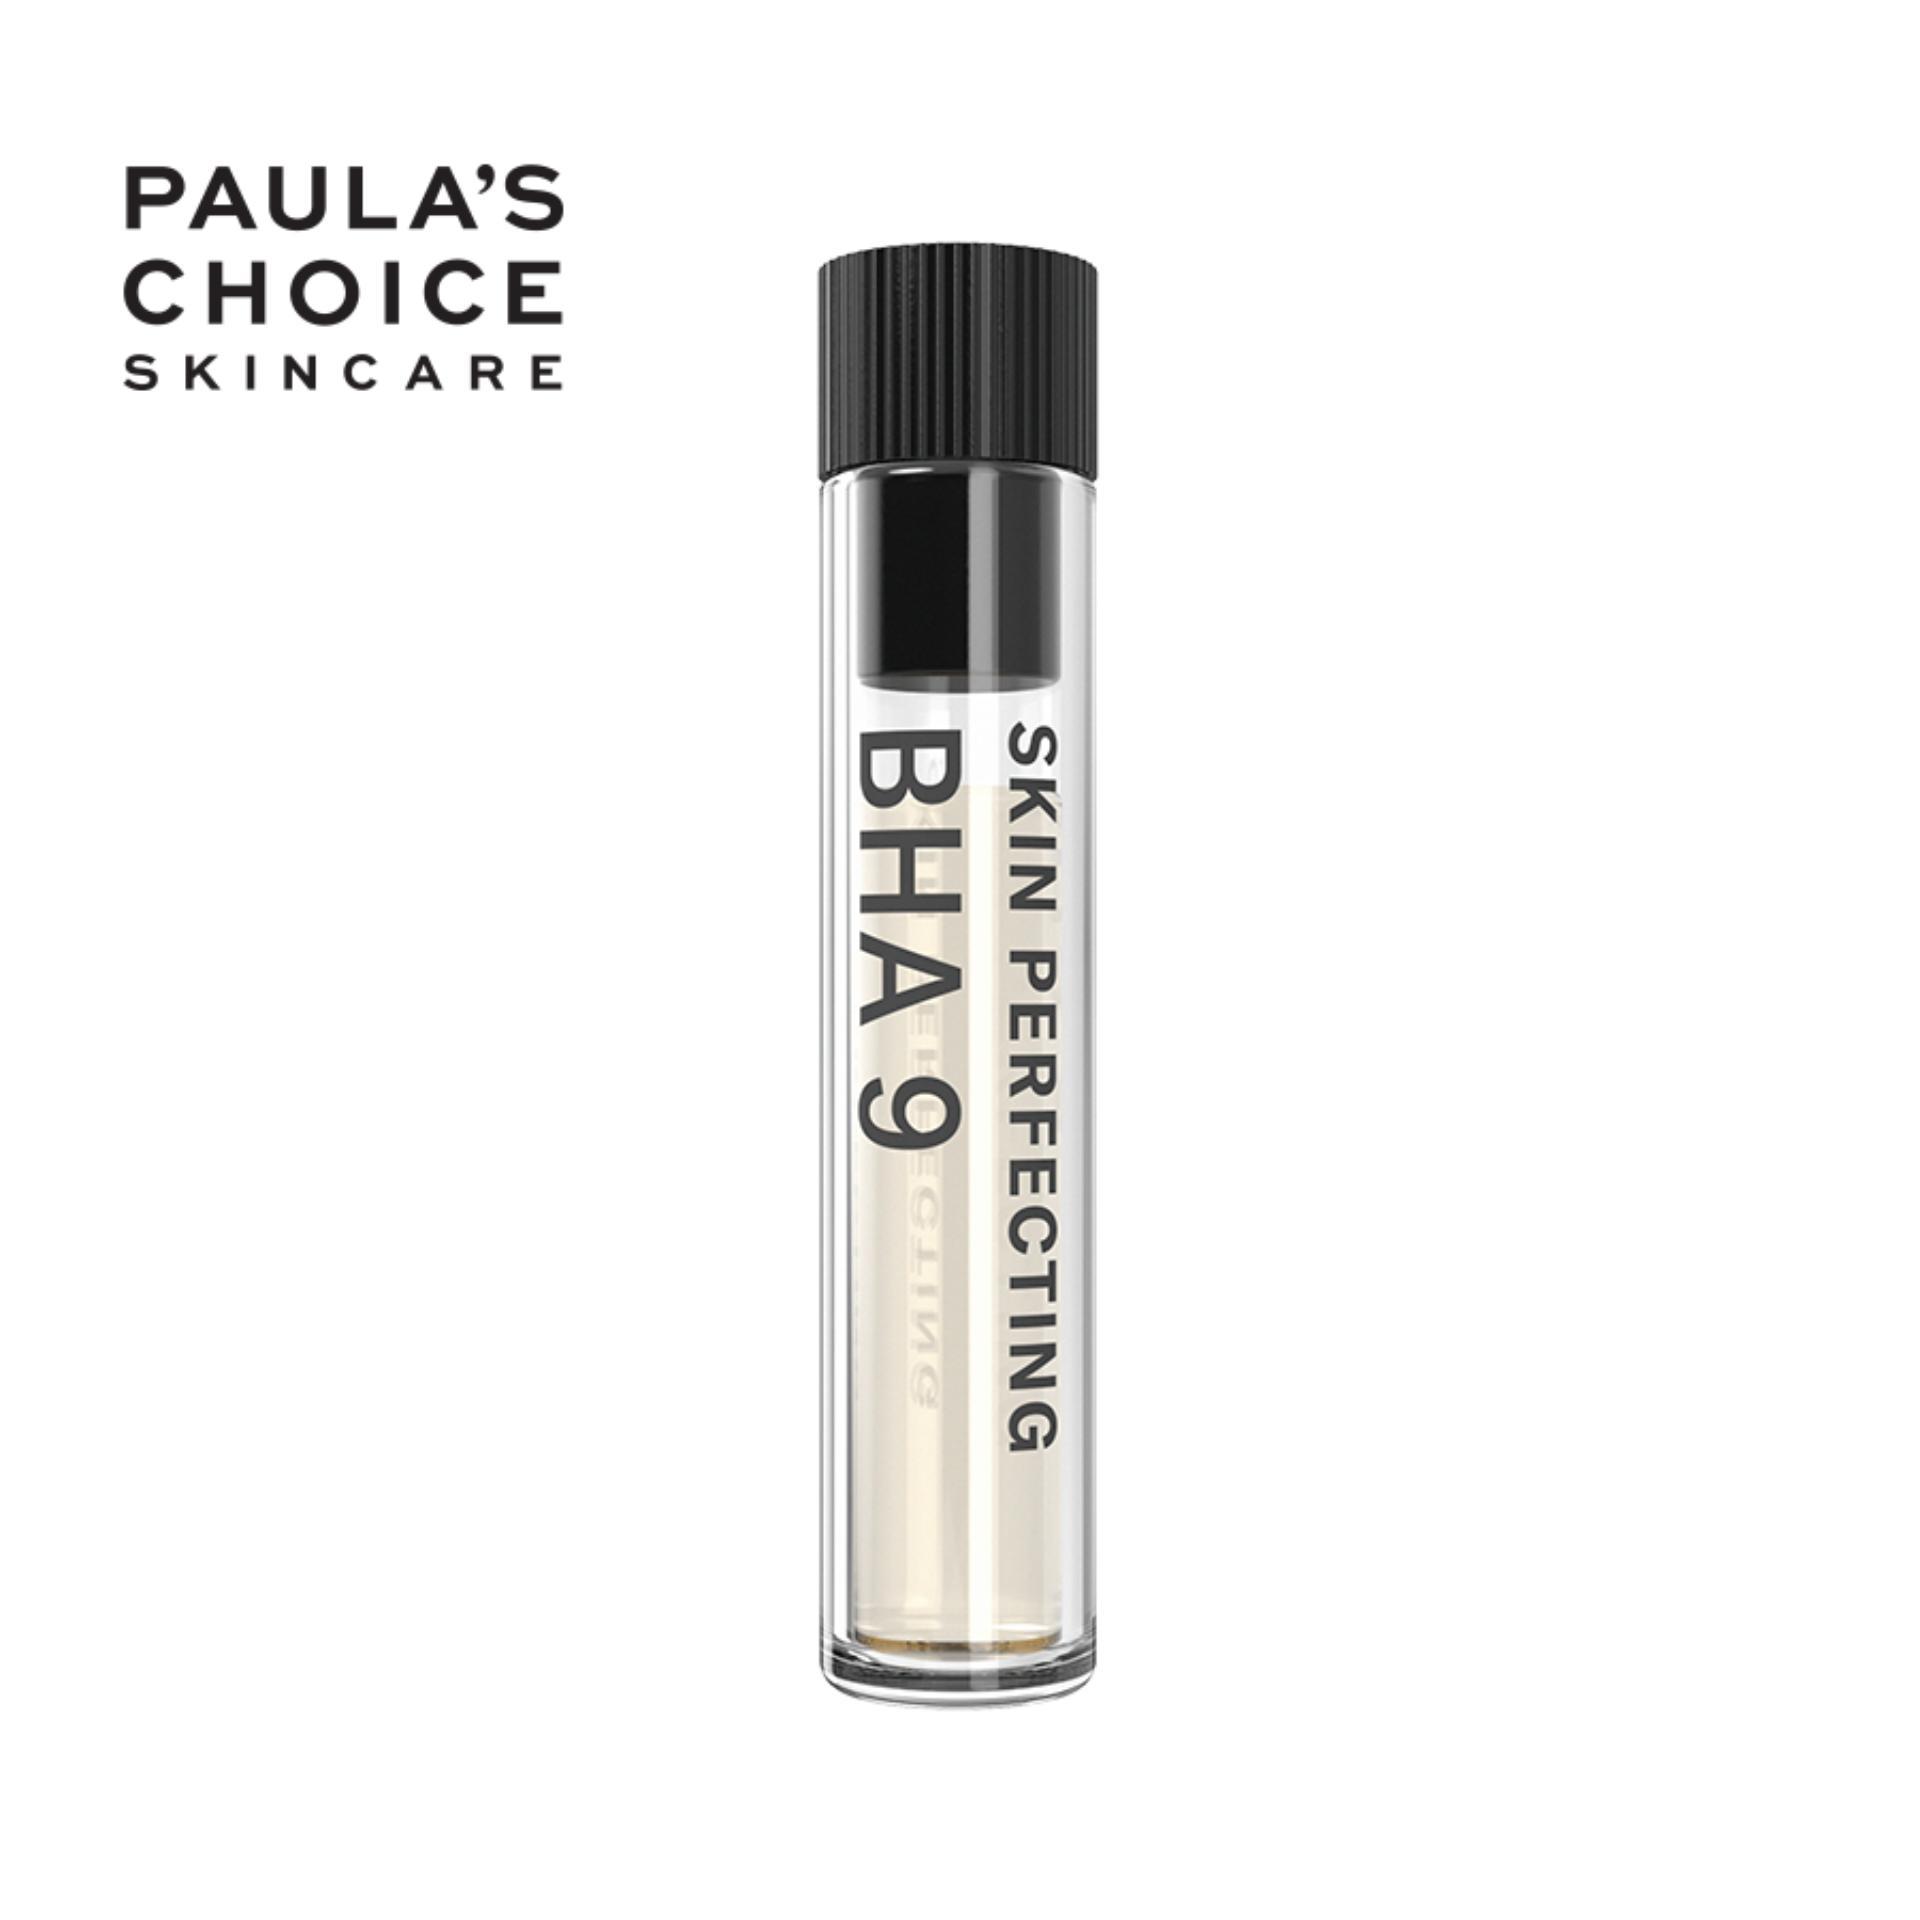 Tinh chất giảm mụn cao cấp 9% BHA Paulas Choice Resist BHA 9 Trial cao cấp